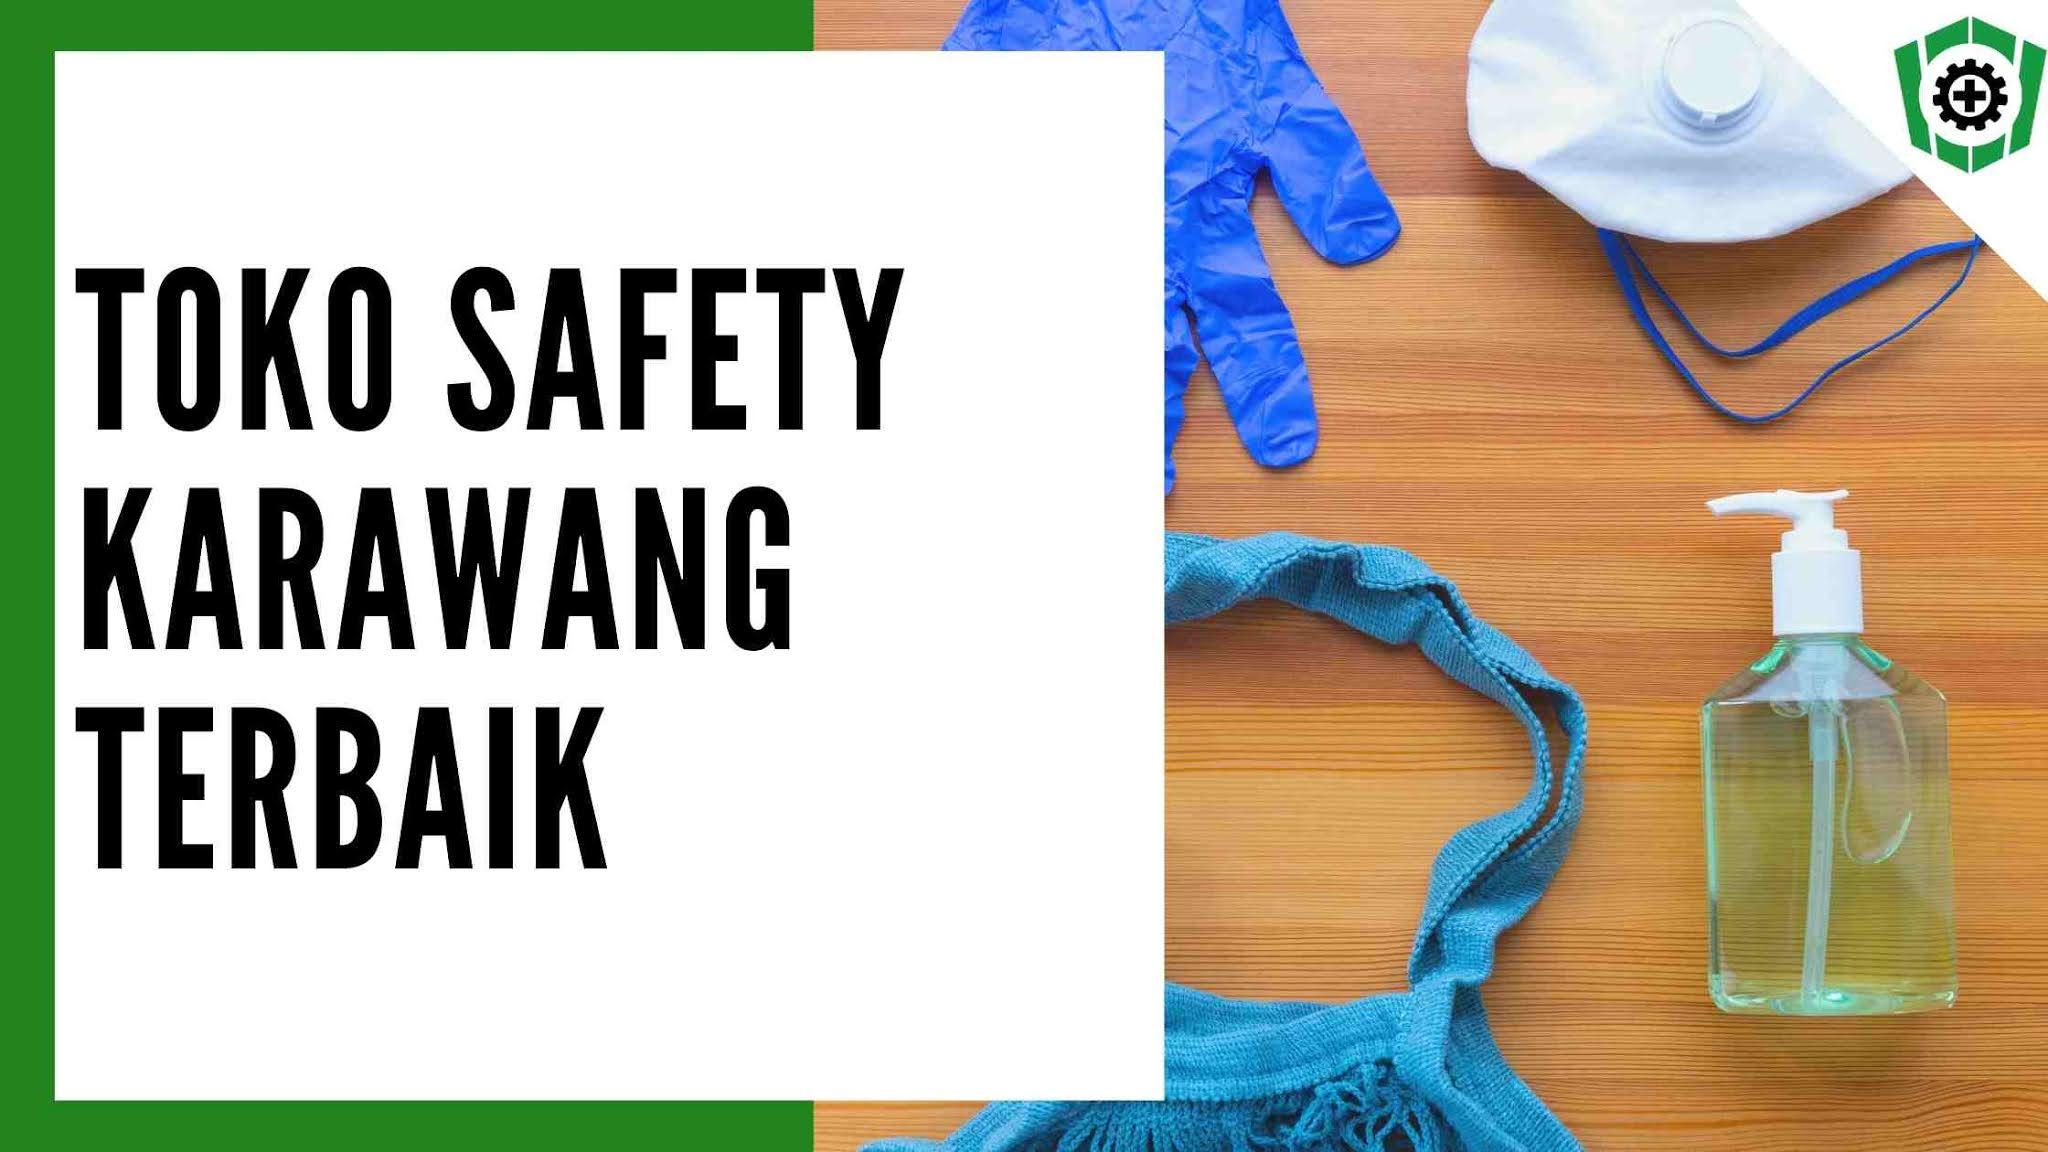 Toko Safety Karawang